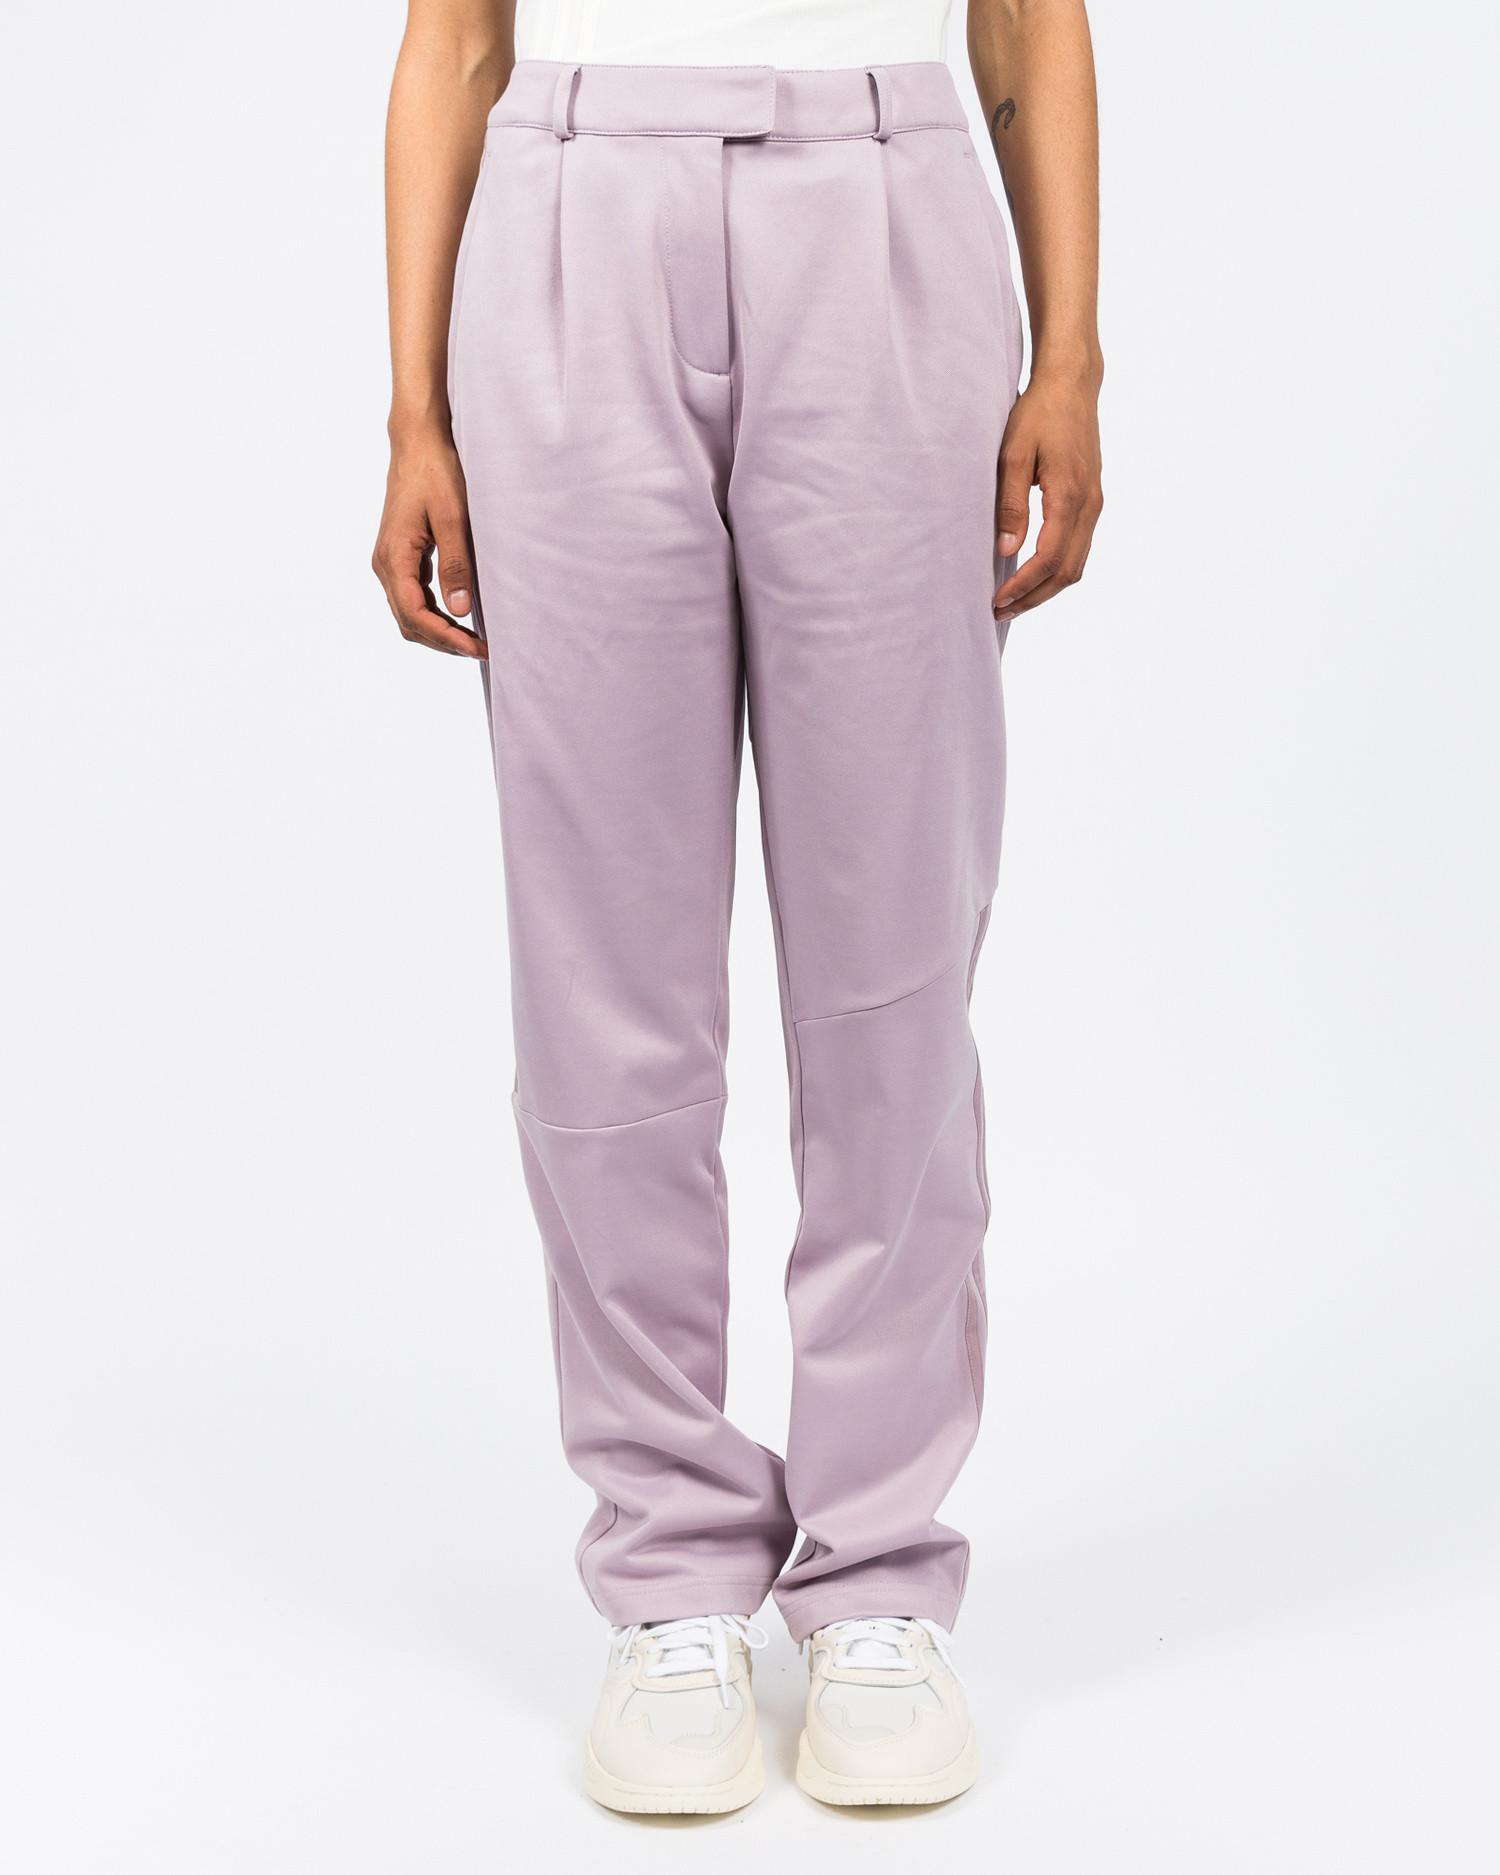 Adidas DaniÌÎÌàlle Cathari Trousers Soft Vision